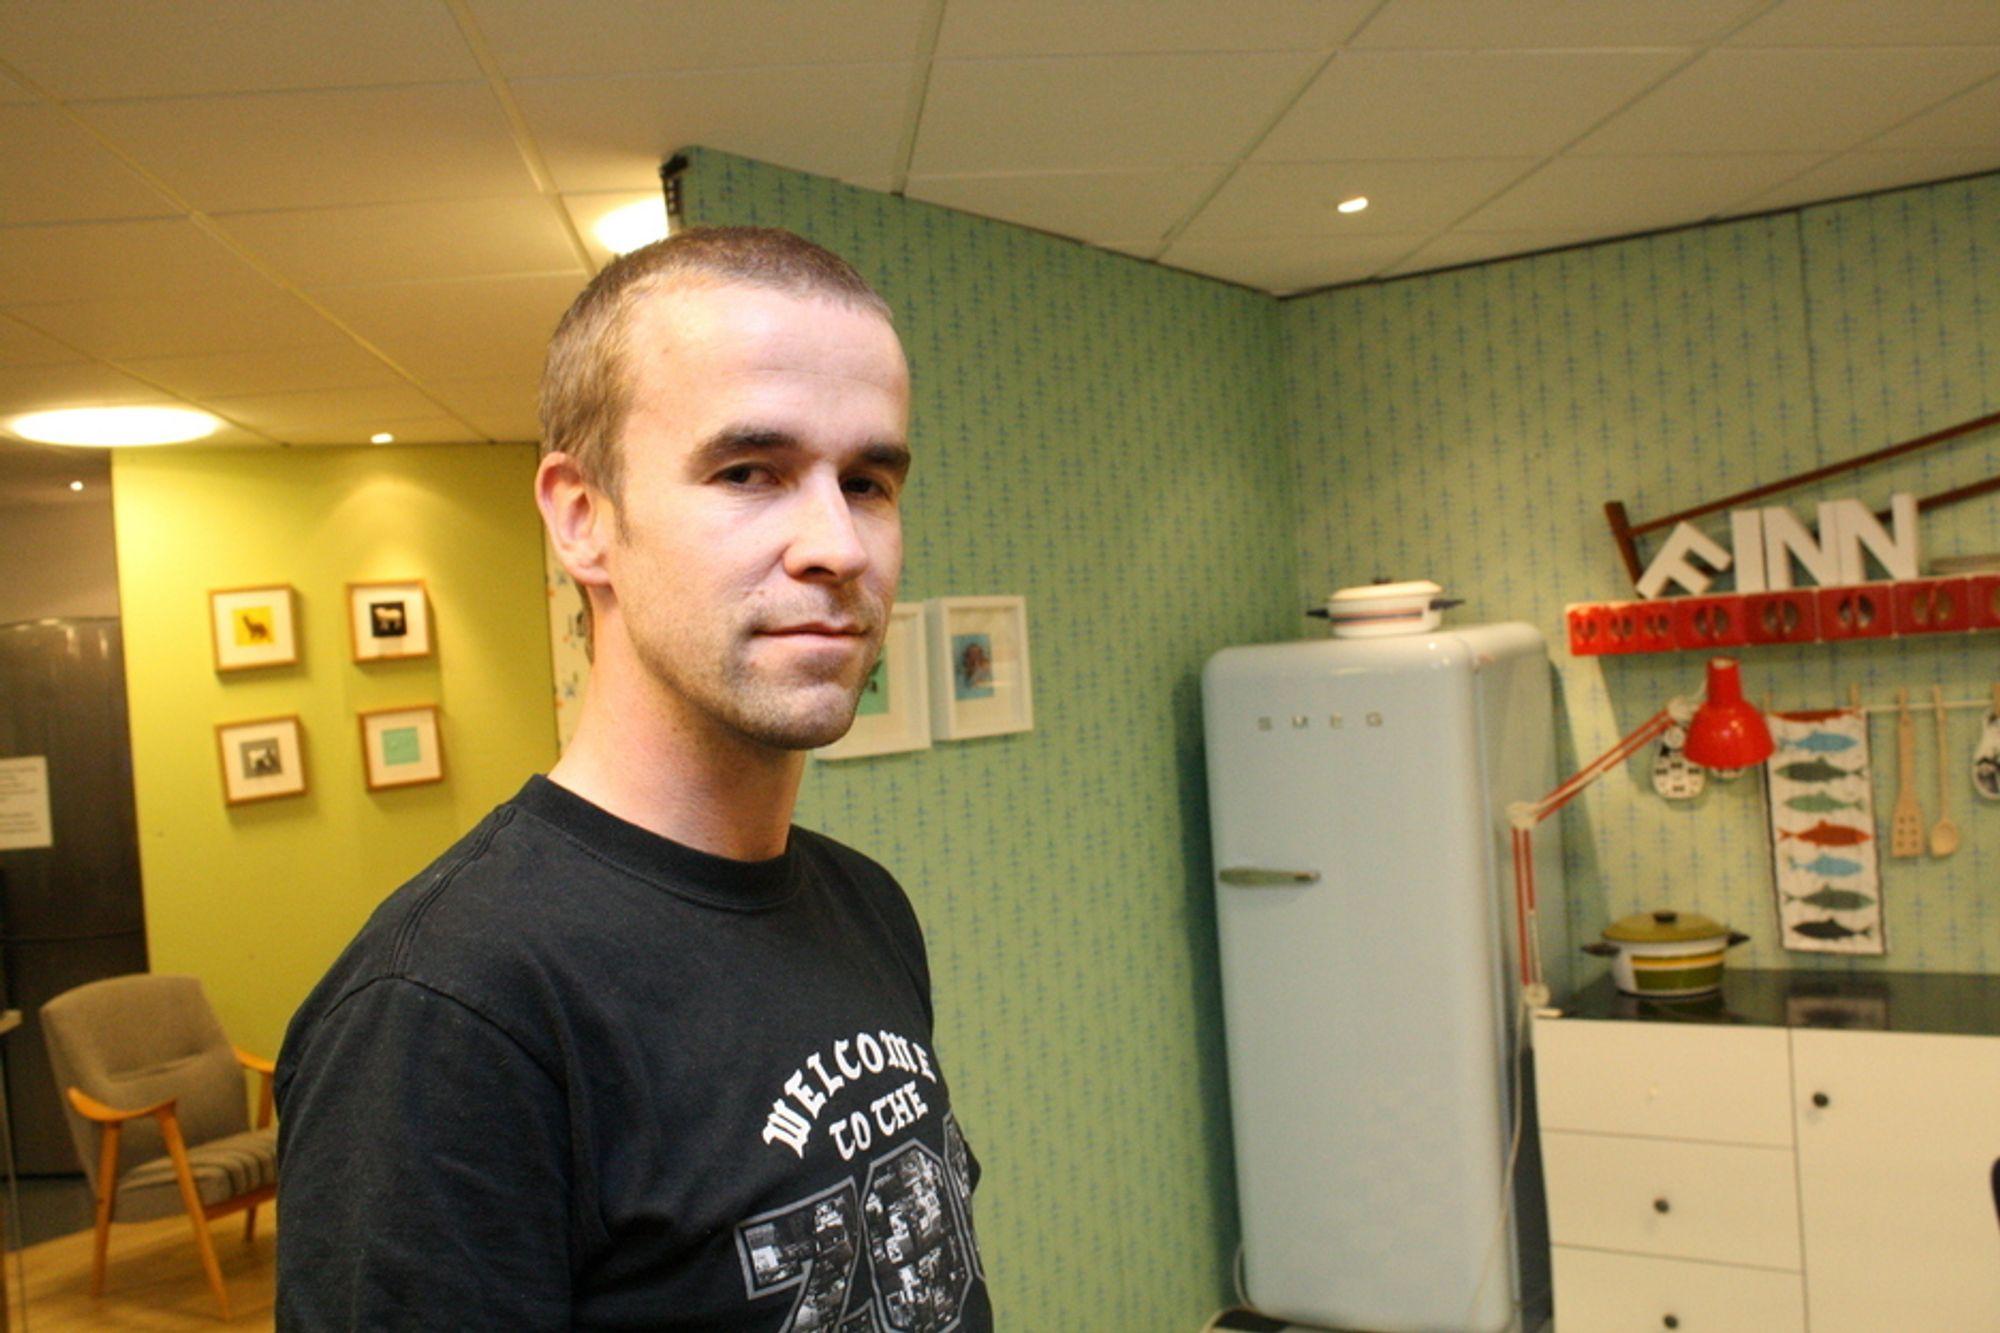 DELER GJERNE FLOPP-ERFARINGER: Espen Dalløkken (33) jobber i dag i Finn.no, men har ingenting imot å skru tiden tilbake til da gründerprosjektet hans gikk ad undas.